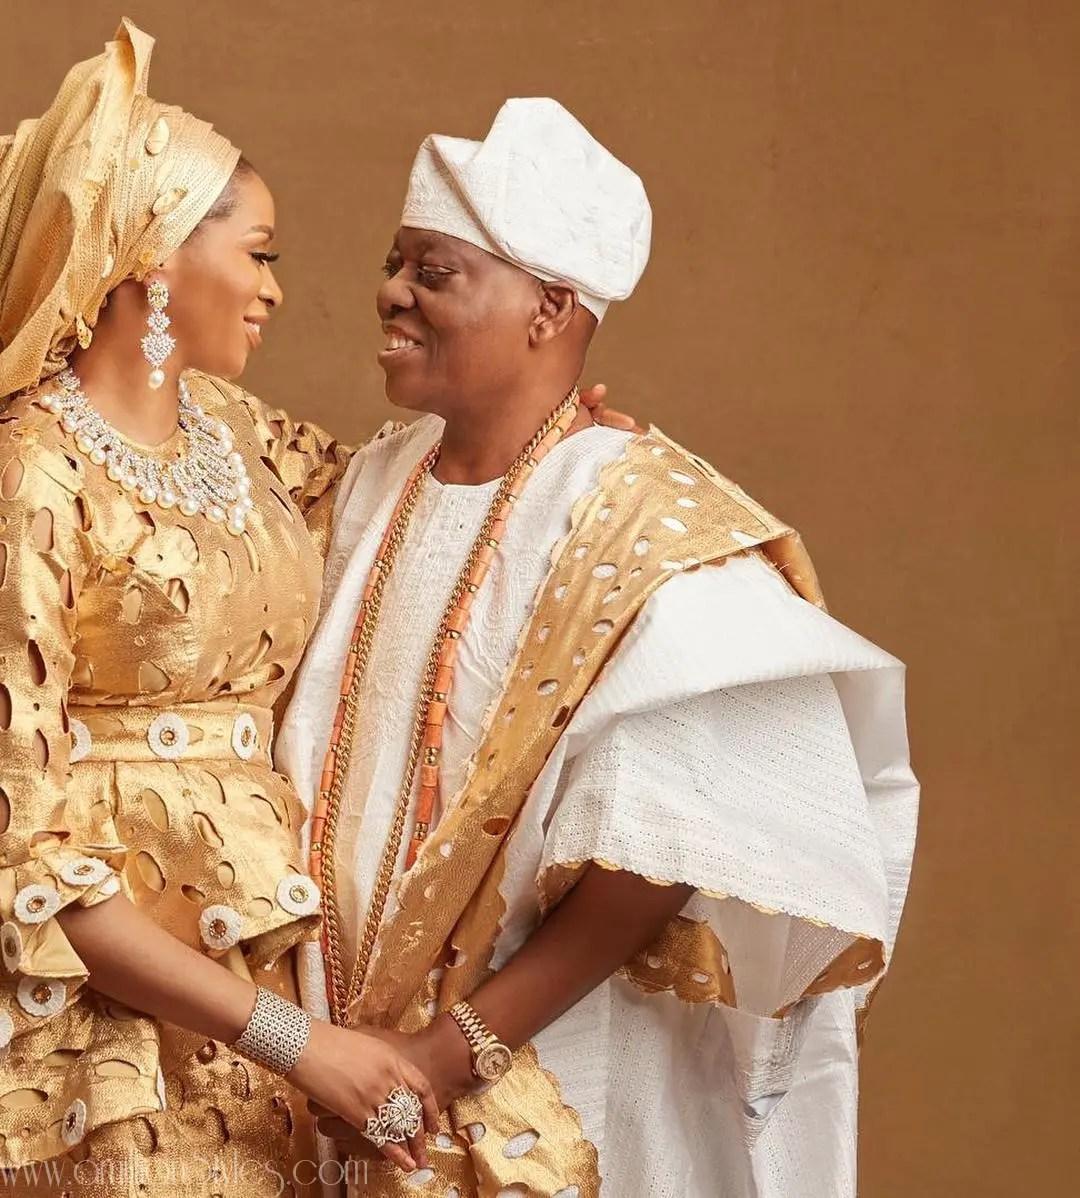 Chief Sade Okoya Celebrates 42 Birthday And 20th Wedding Anniversary With Family Photo Shoot